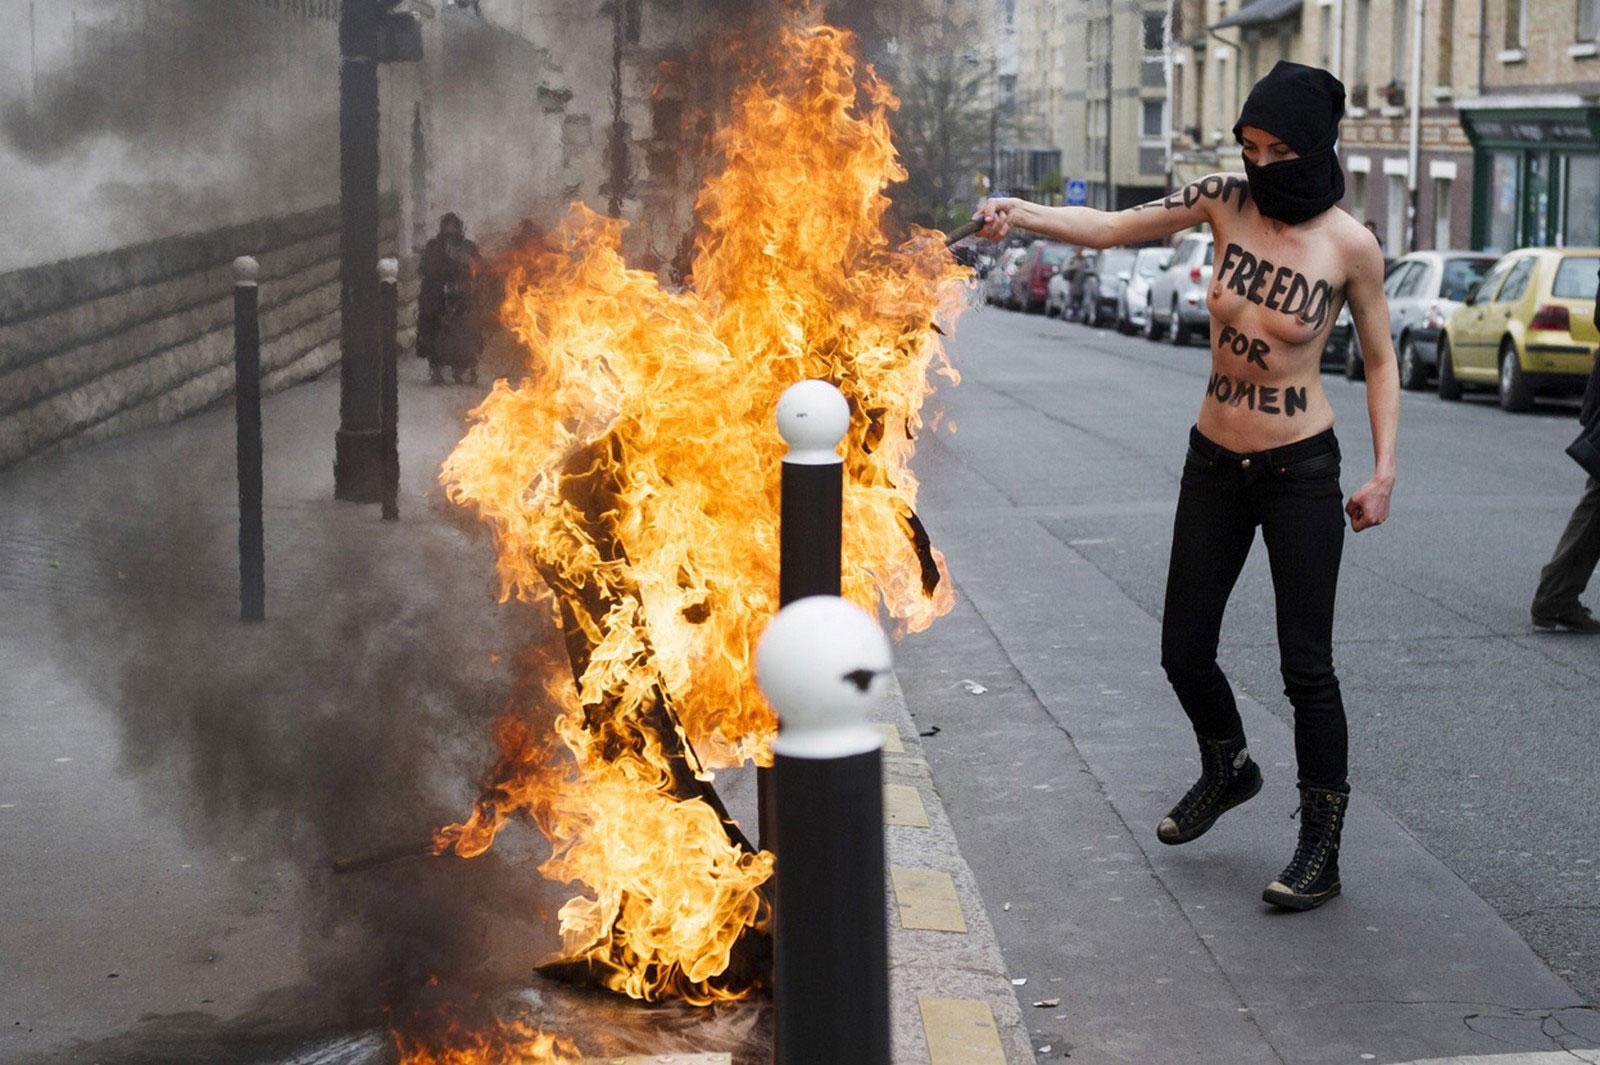 Сожжение Салафистского флага